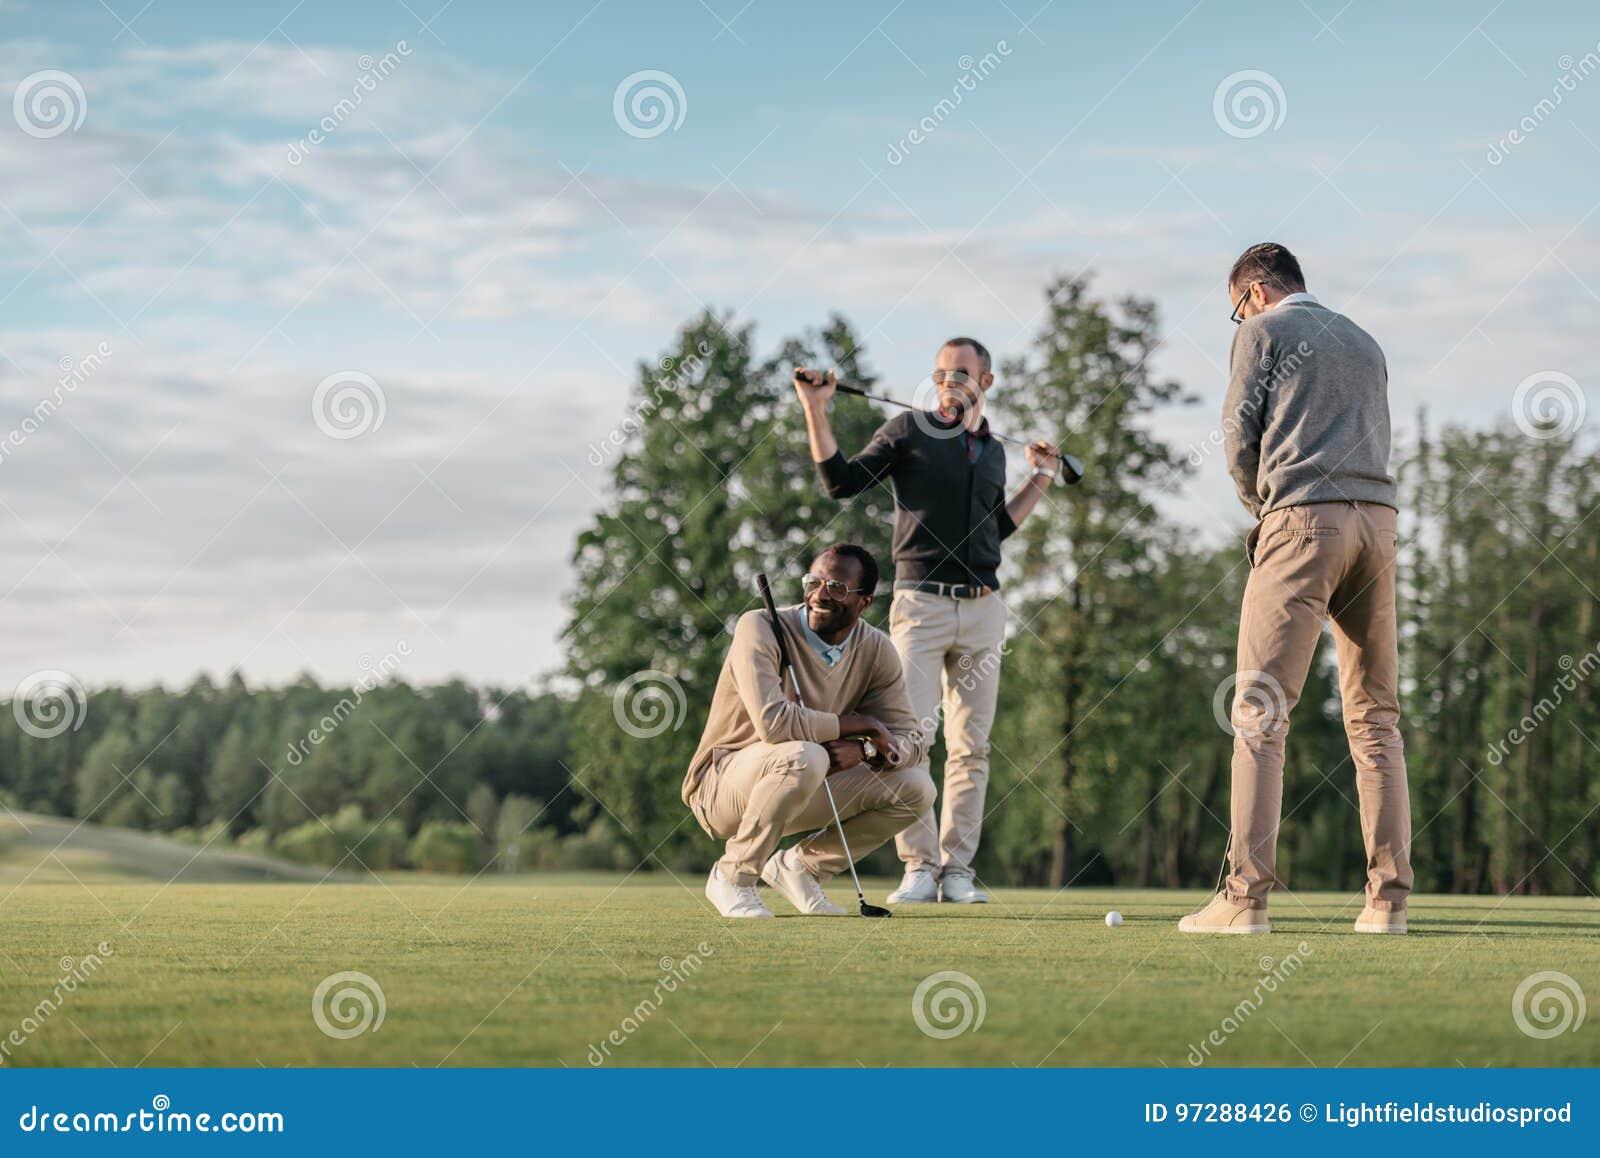 Amigos multiculturales que pasan el tiempo junto mientras que juega a golf en campo de golf